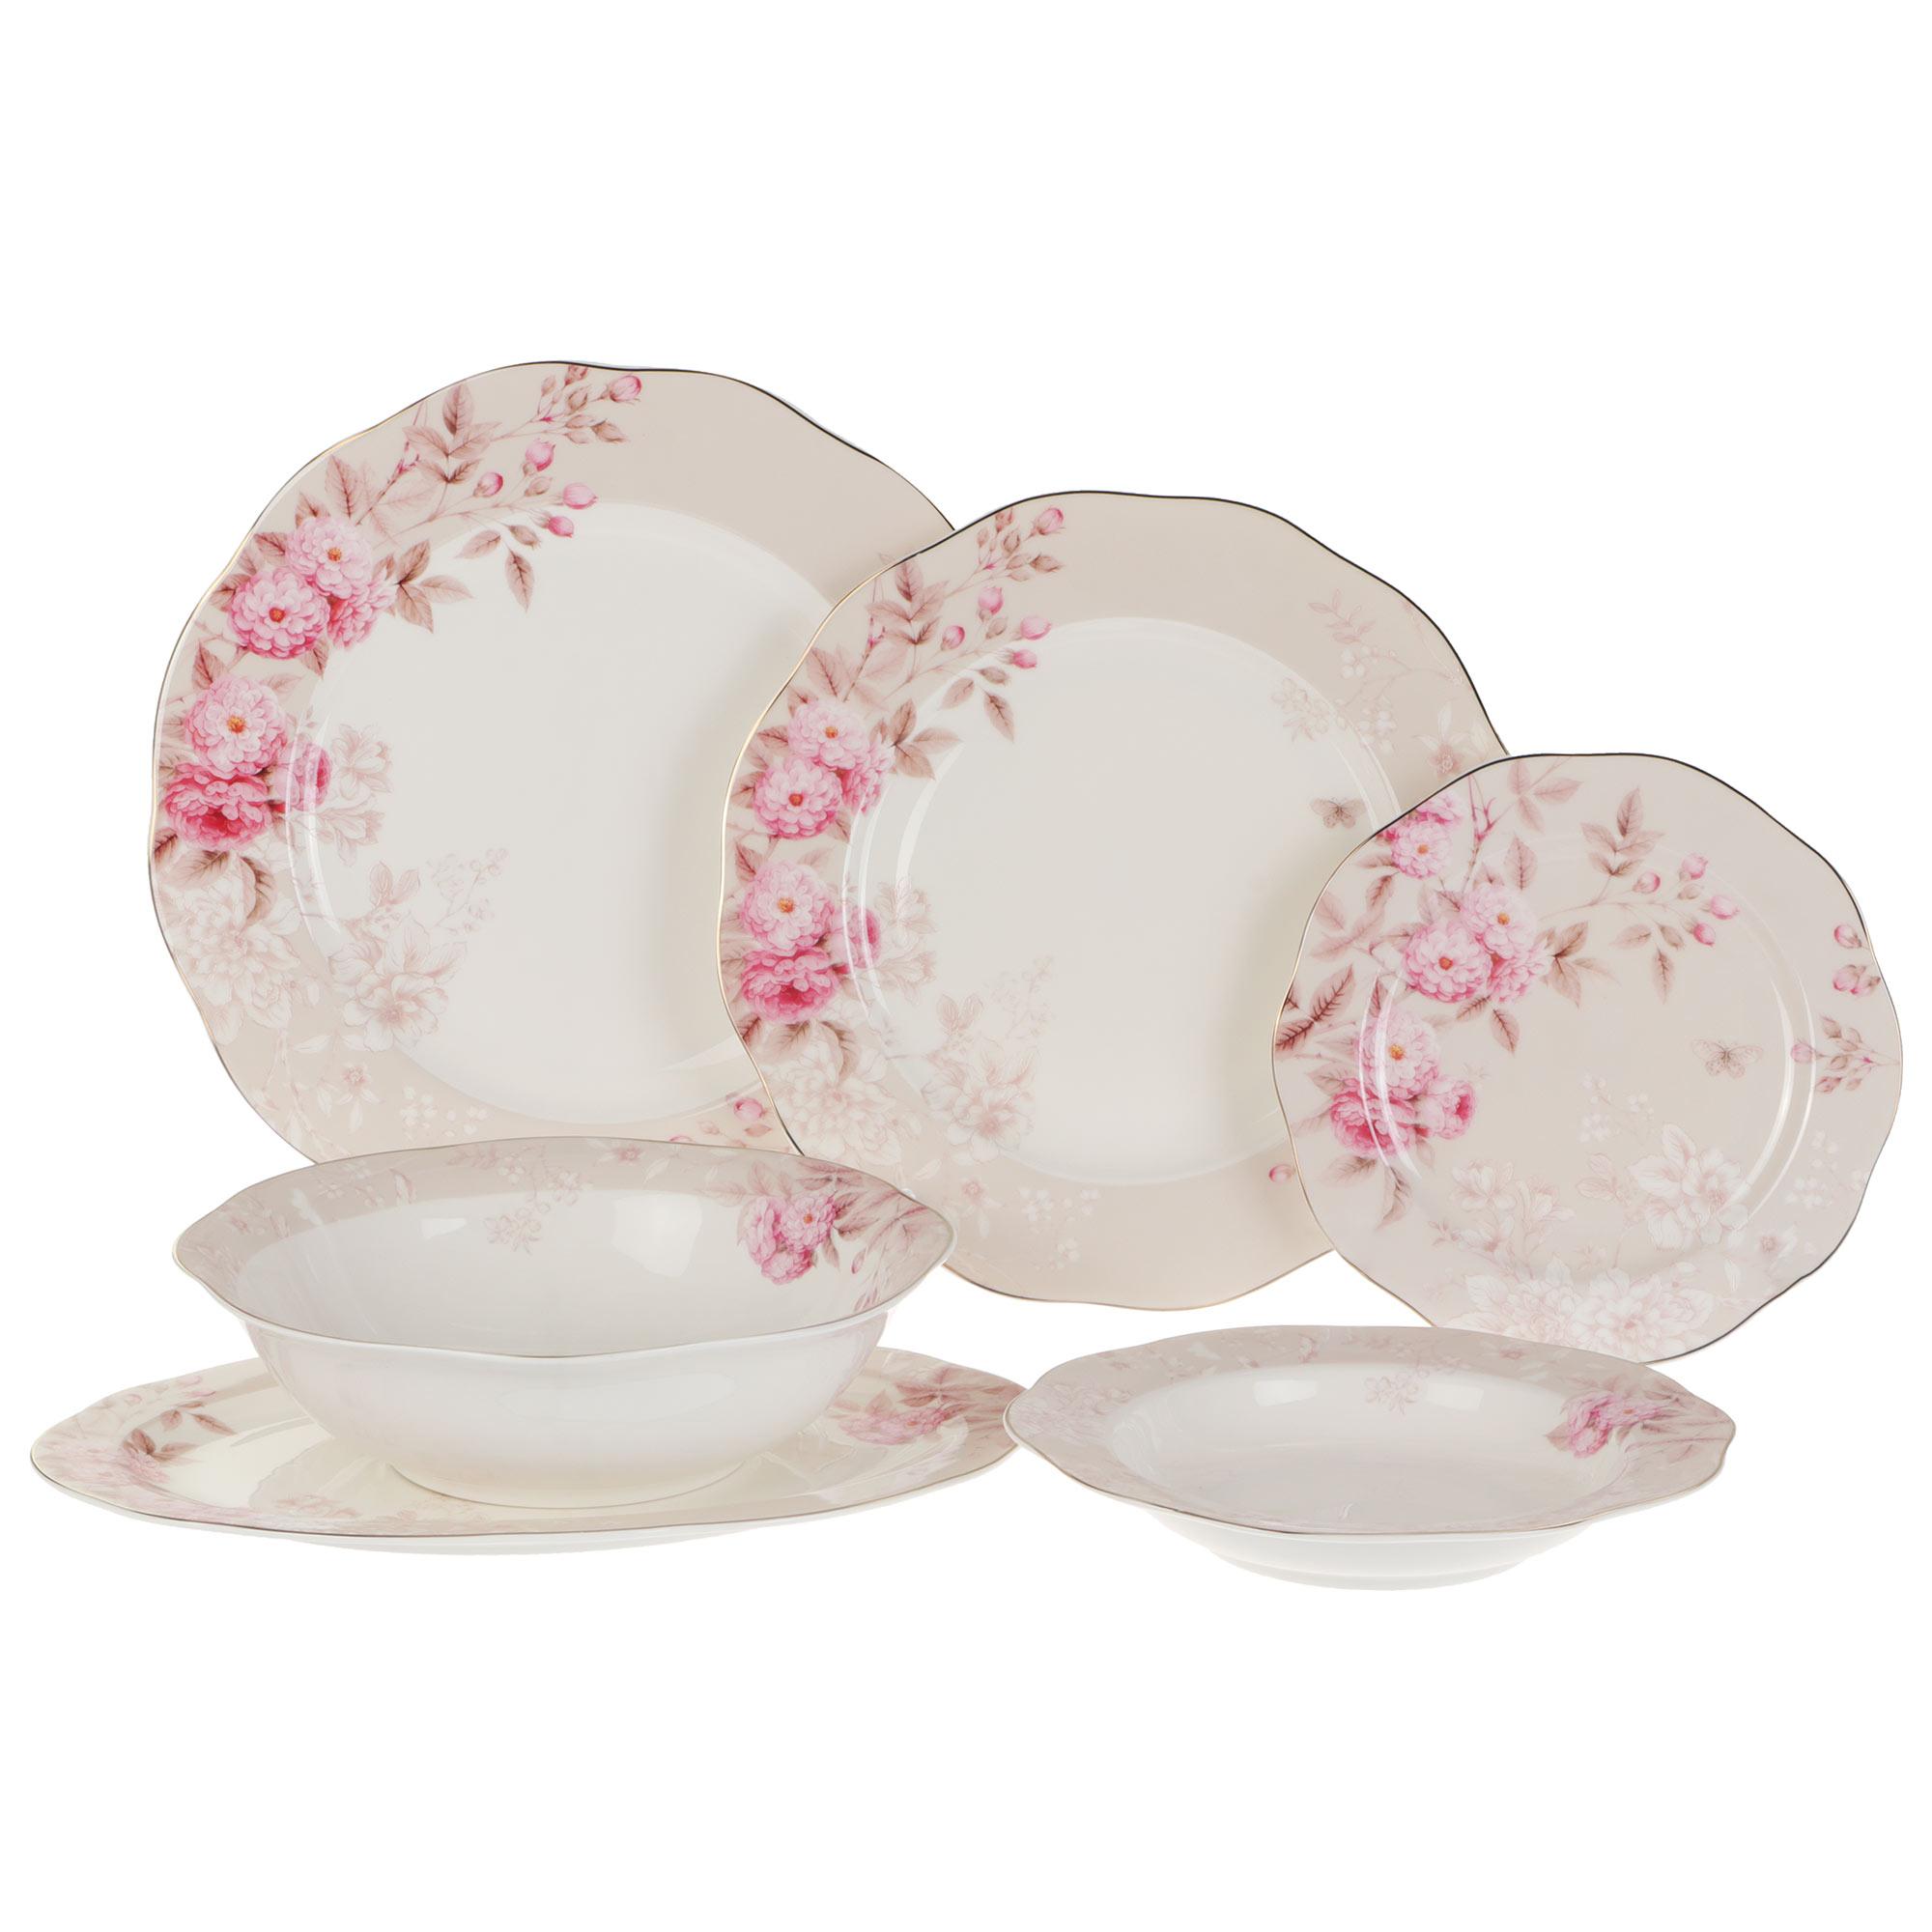 Сервиз столовый Macbeth bone porcelain Garden 21 предмет